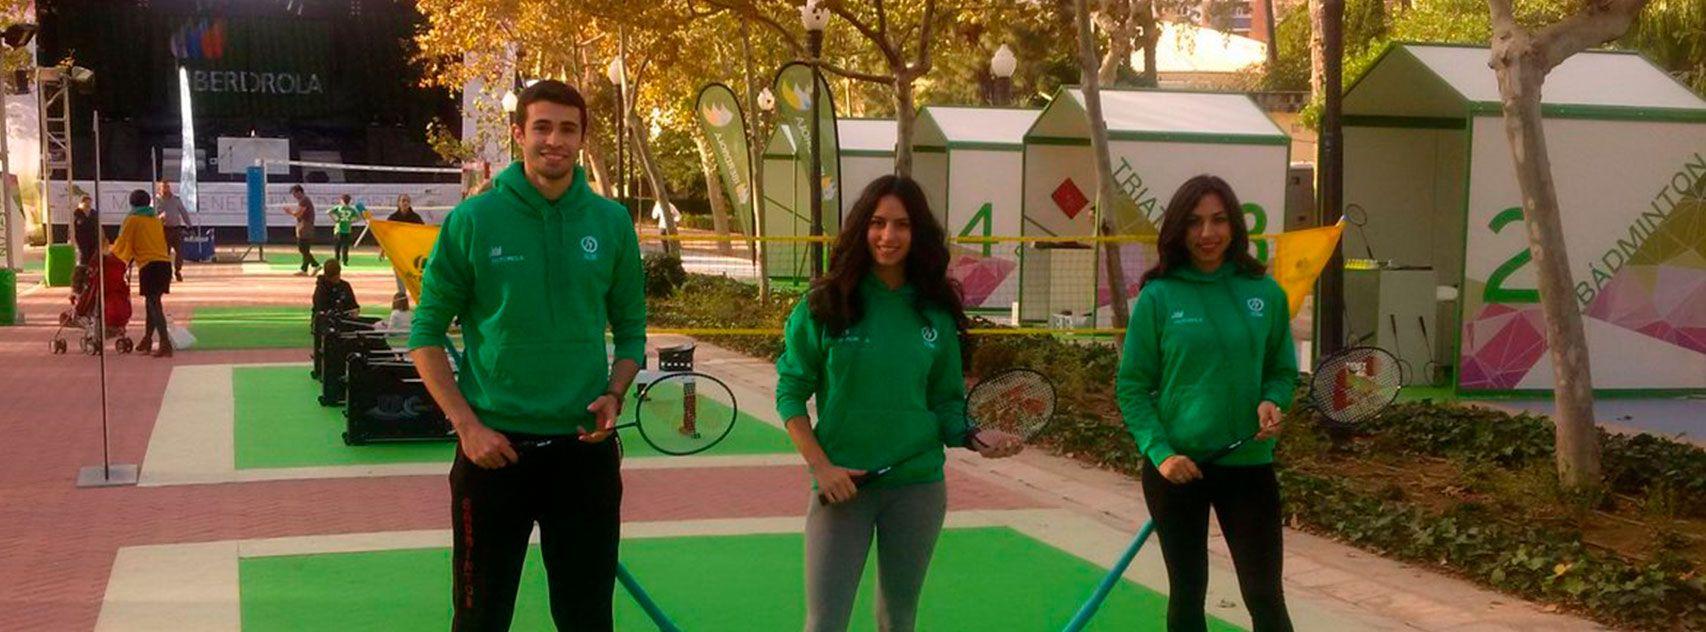 iberdrola-badminton